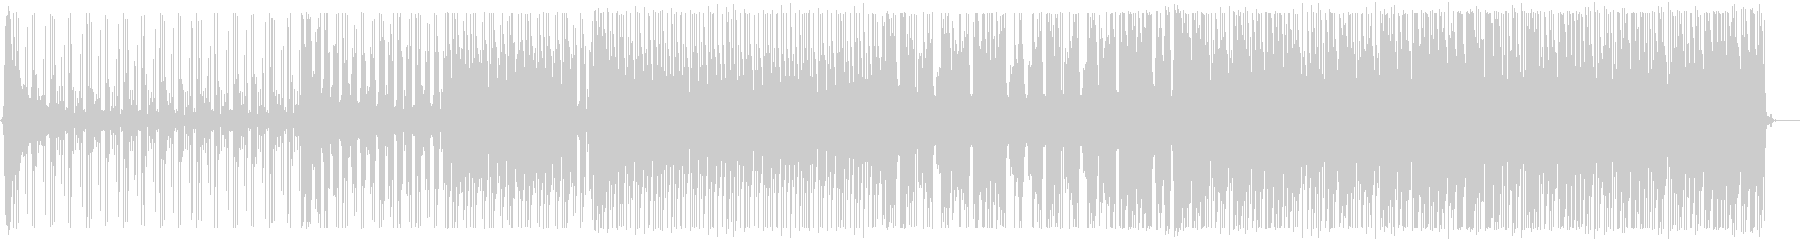 爽やかなトロピカルハウス_No586_2の未再生の波形